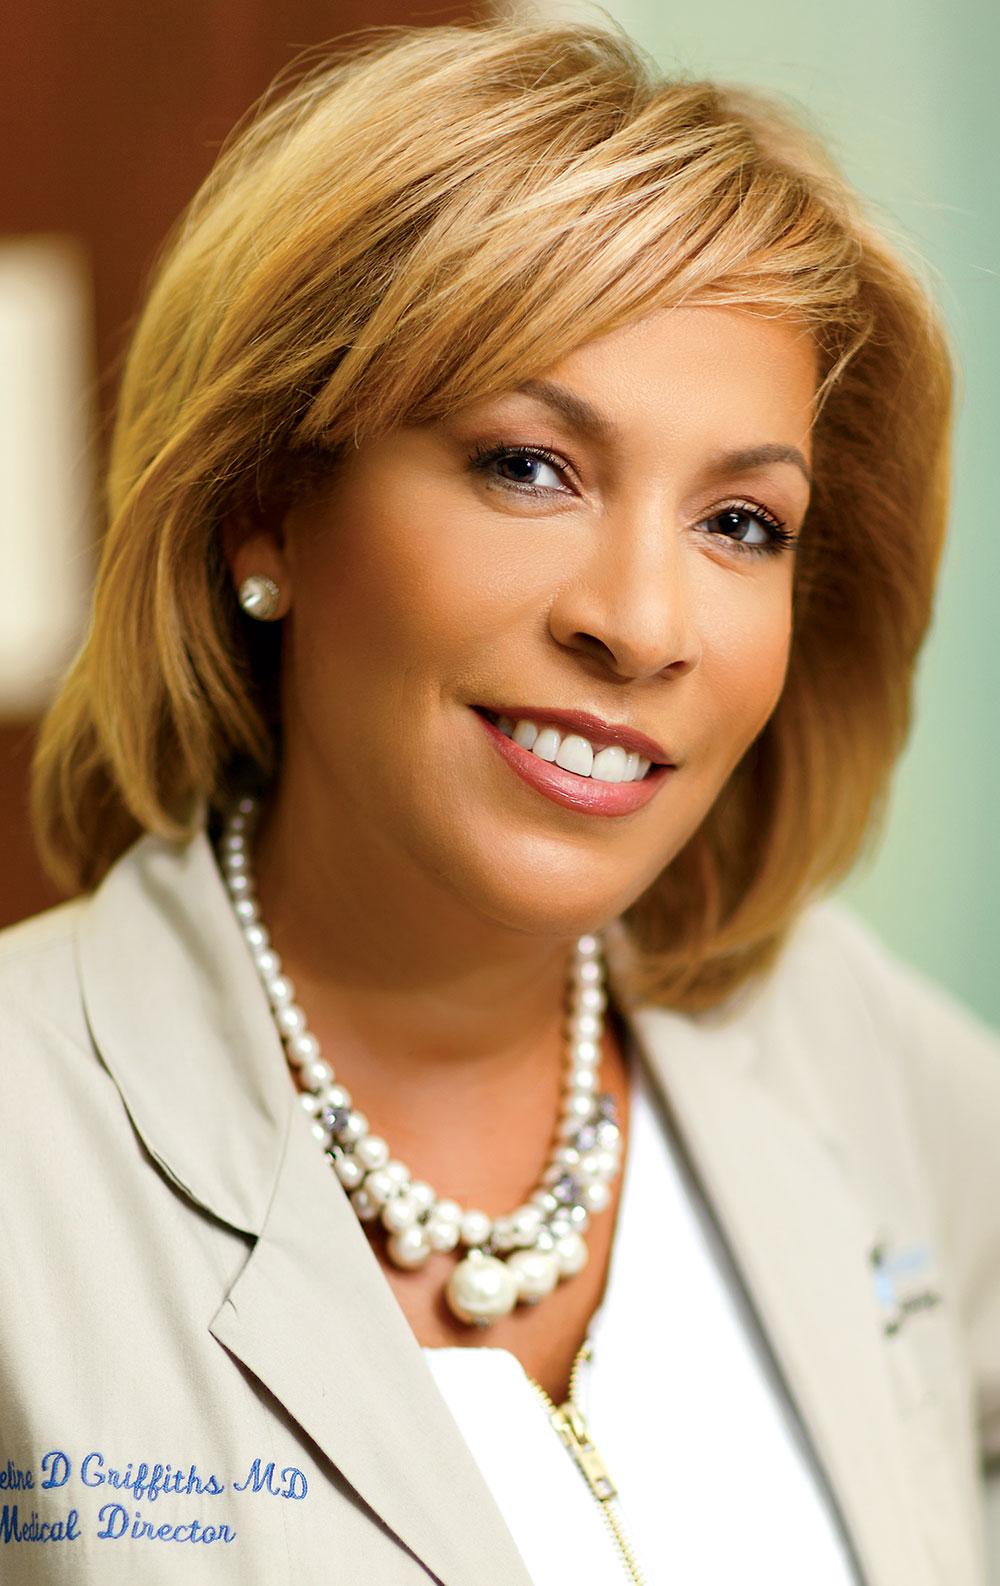 Jacqueline D. Griffiths